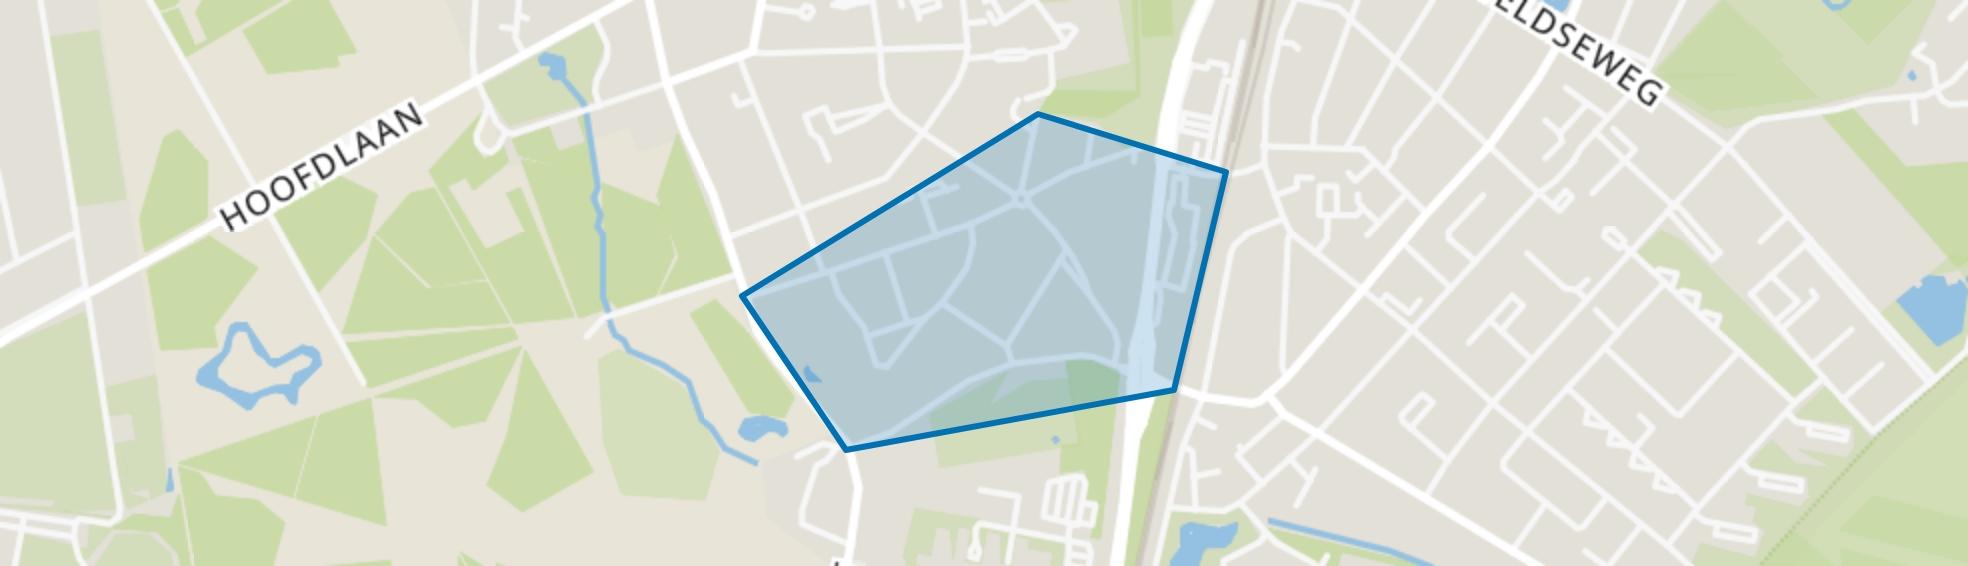 Bomenbuurt, Assen map